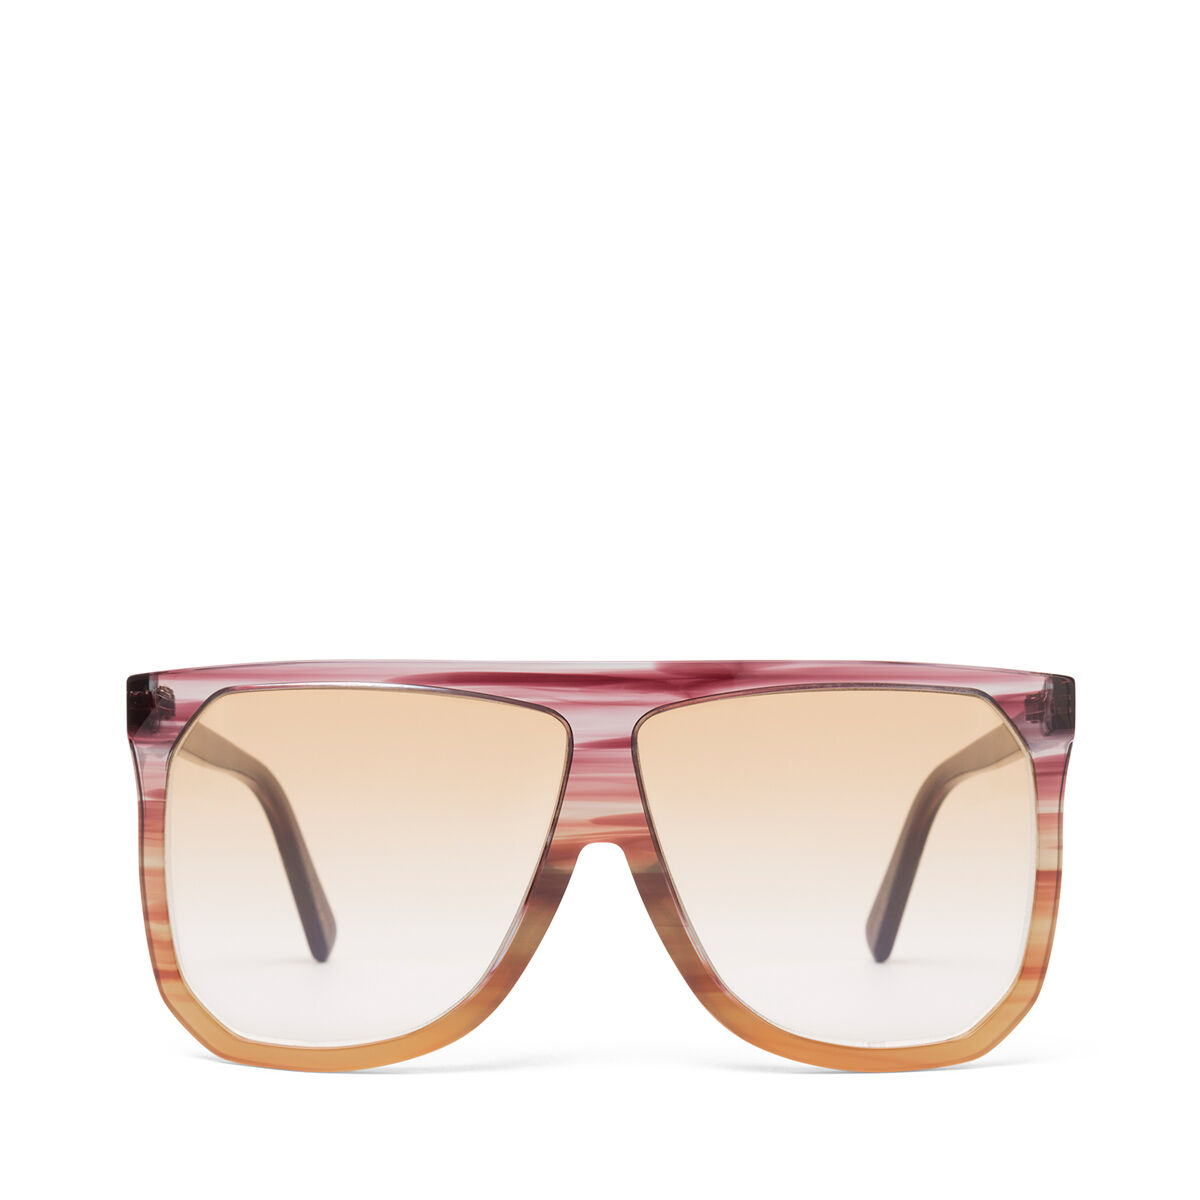 LOEWE Filipa Sunglasses Plum/Orange/Gradient Yelow all